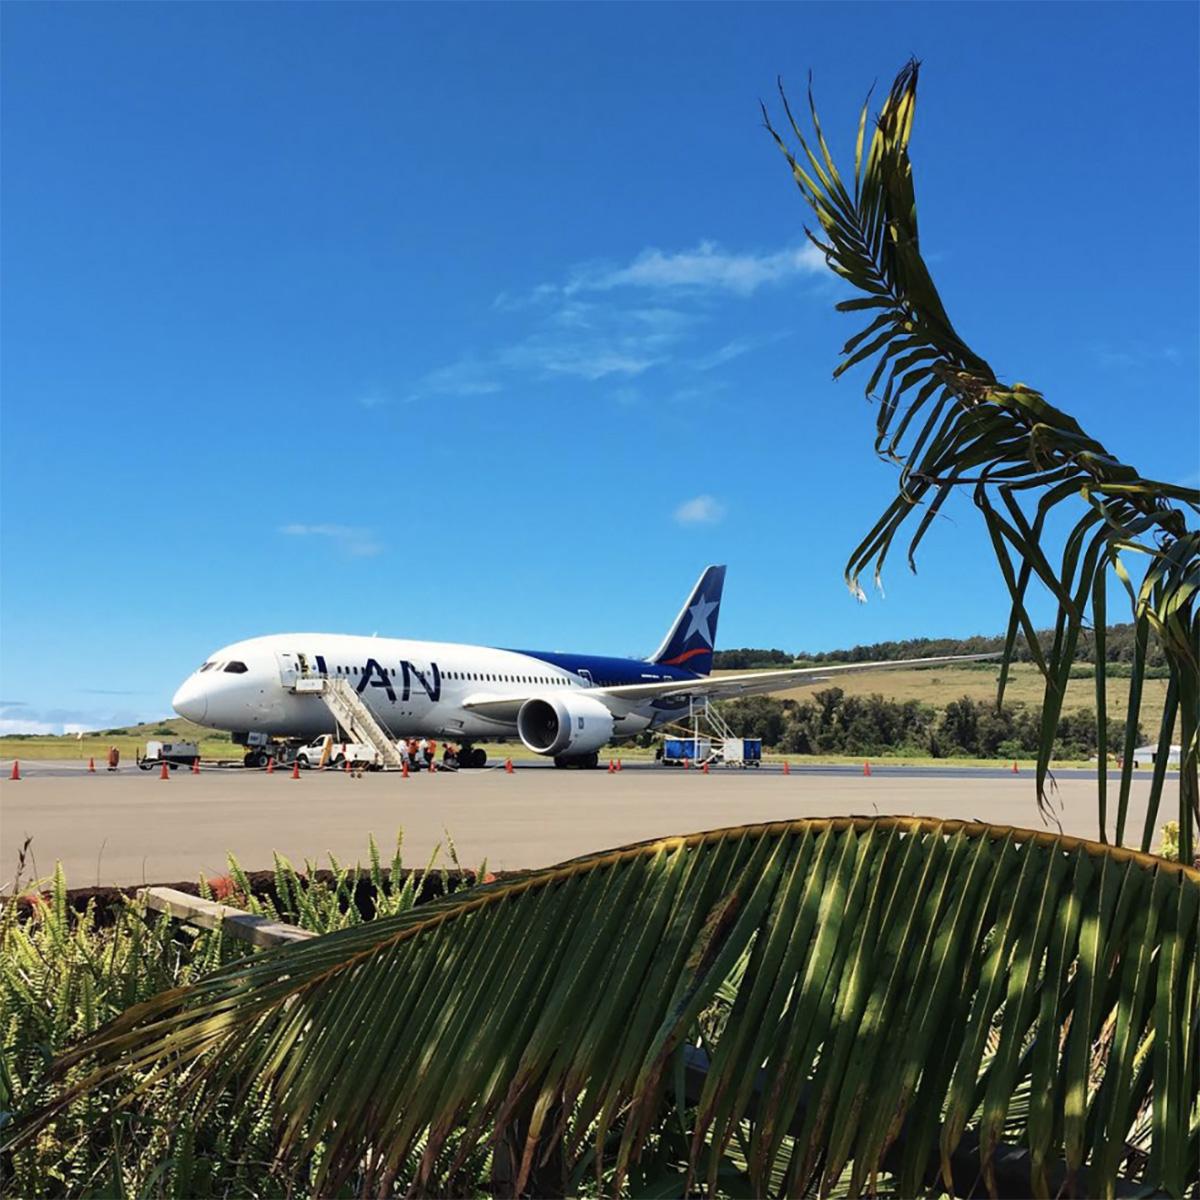 LATAM LAN 787 Dreamliner Easter Island Rapa Nui Isla de Pascua IPC airport codes history